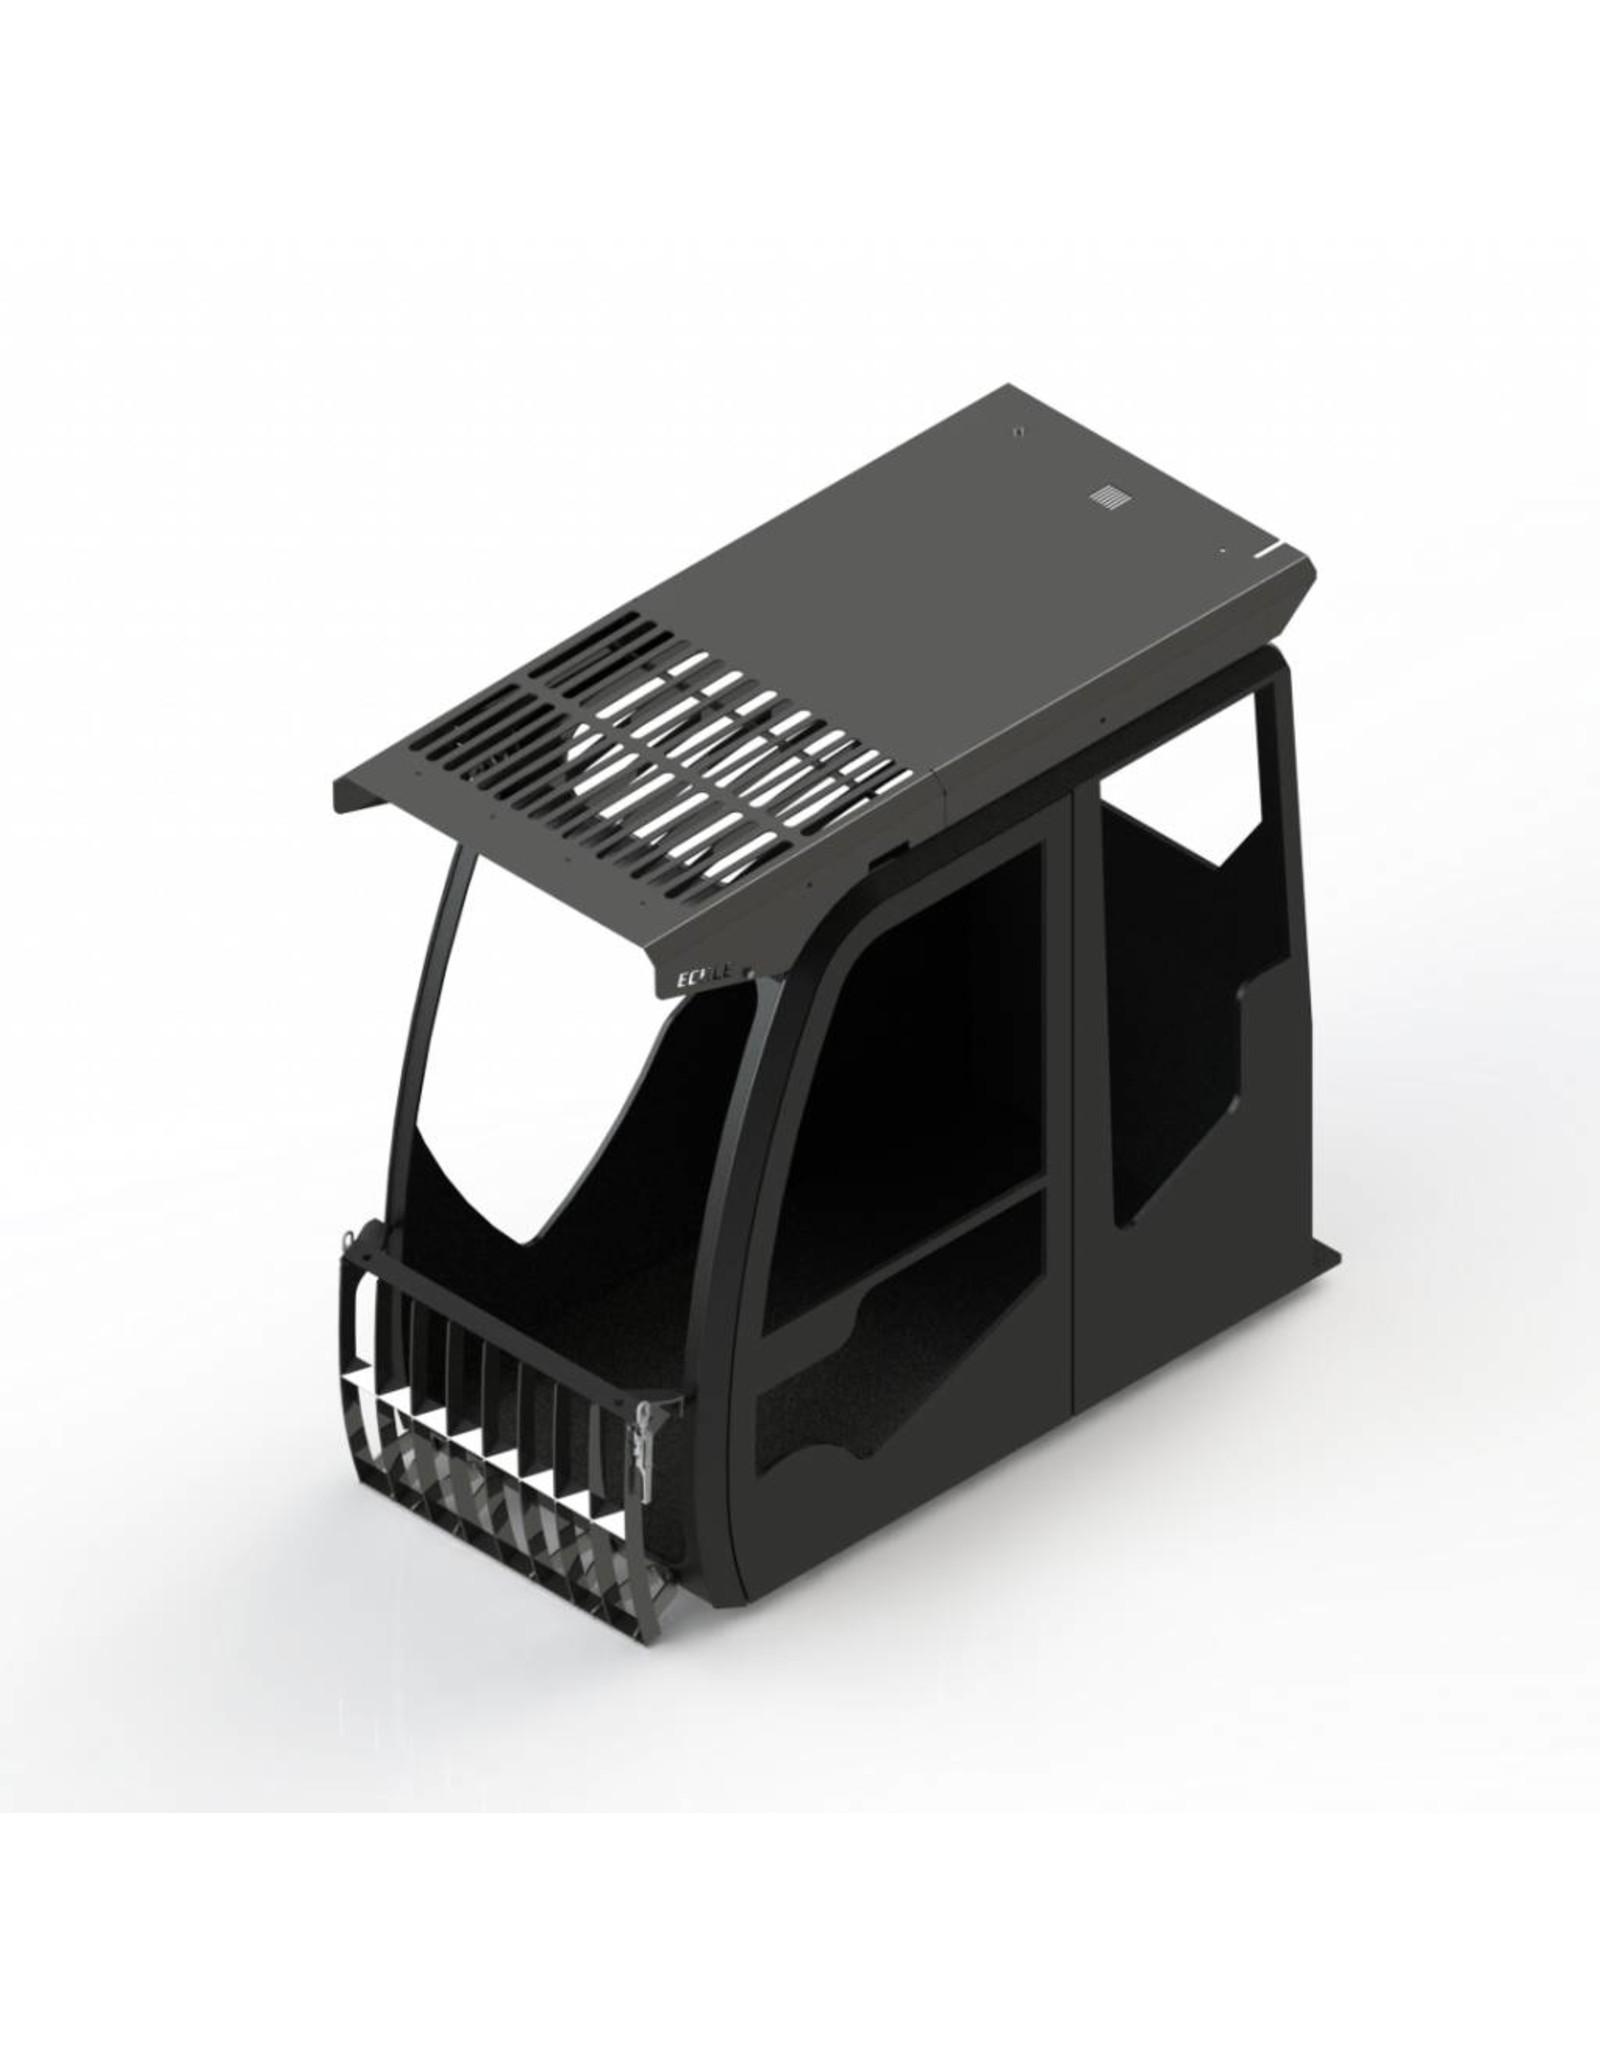 Echle Hartstahl GmbH FOPS pour Doosan DX380LC-5